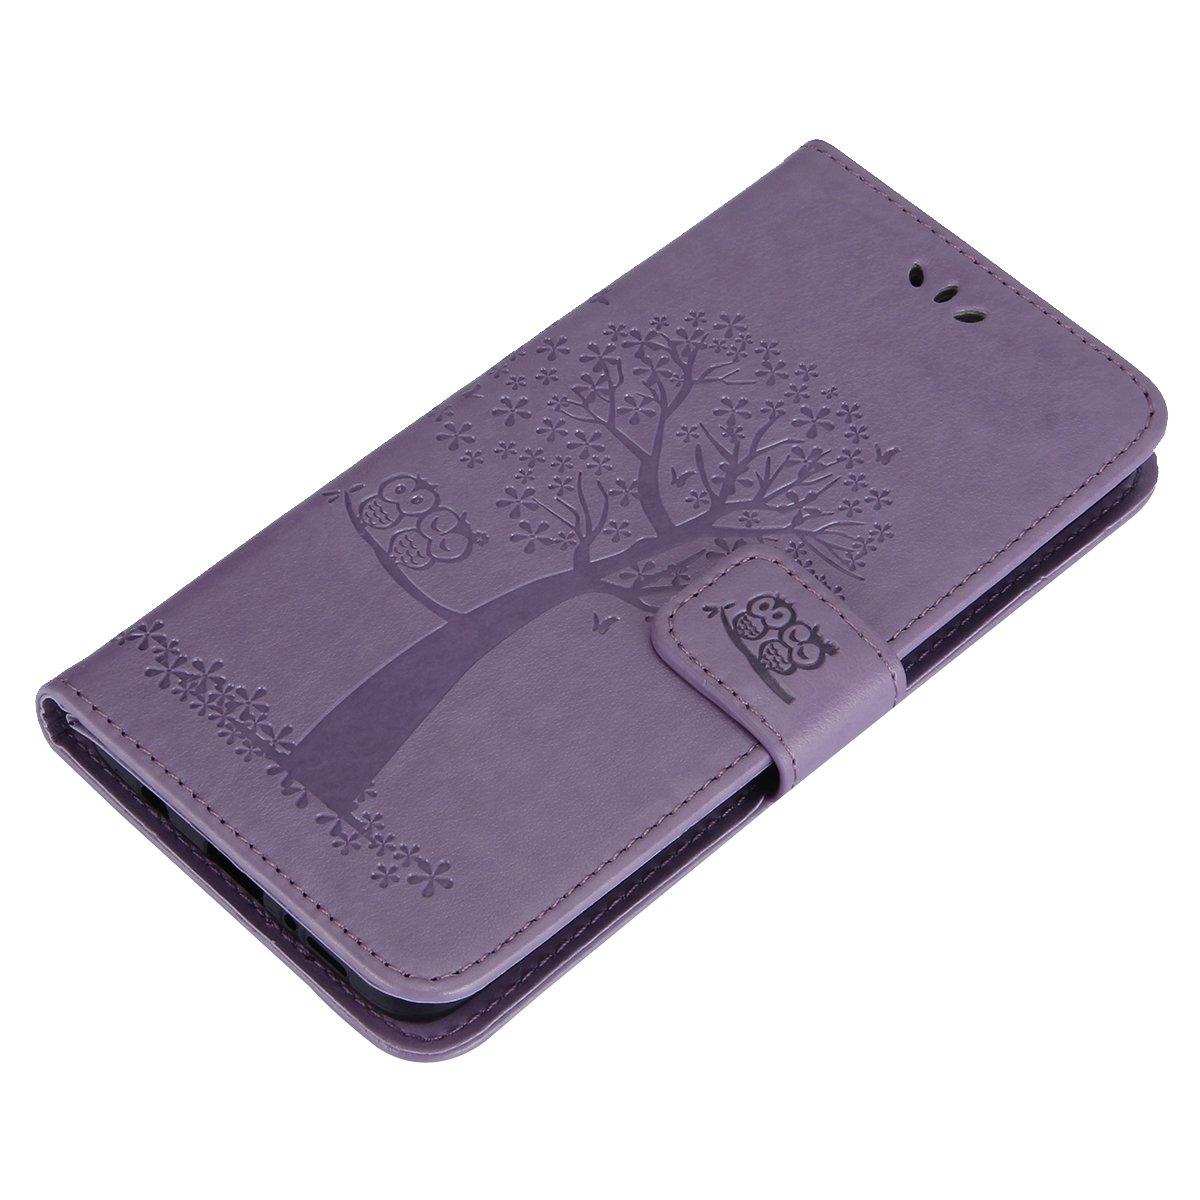 AntiGraffio Compatibile con Cover Galaxy S9 Plus,Blu//Gufo MoreChioce Compatibile con Custodia Galaxy S9 Plus Cover Libro,Portafoglio//Wallet Case e Gufo in Rilievo Custodia in Pelle